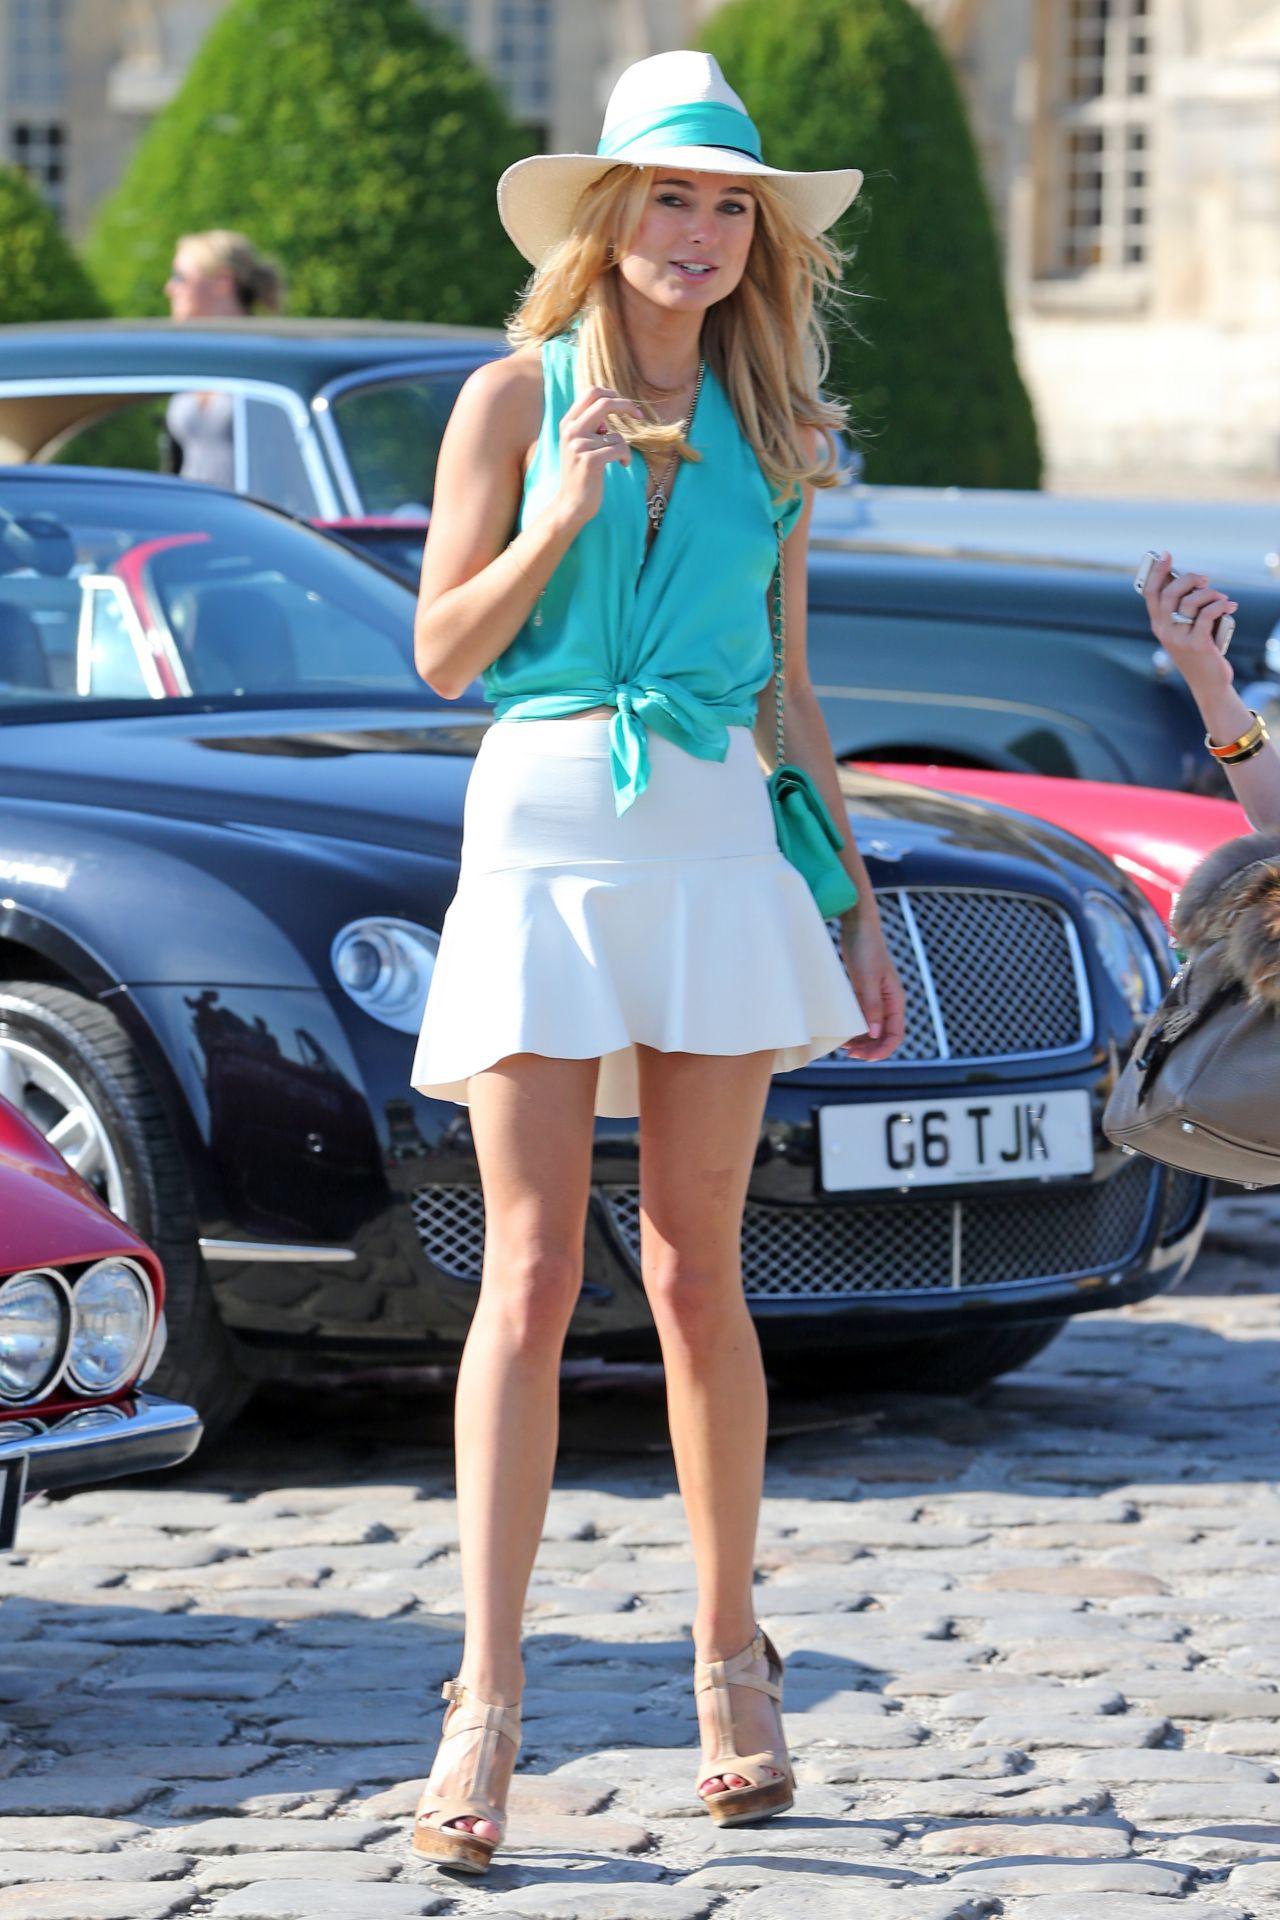 Jaguar San Antonio >> Kimberley Garner in Mini Skirt at The Grand Tour Race in Paris - June 2014